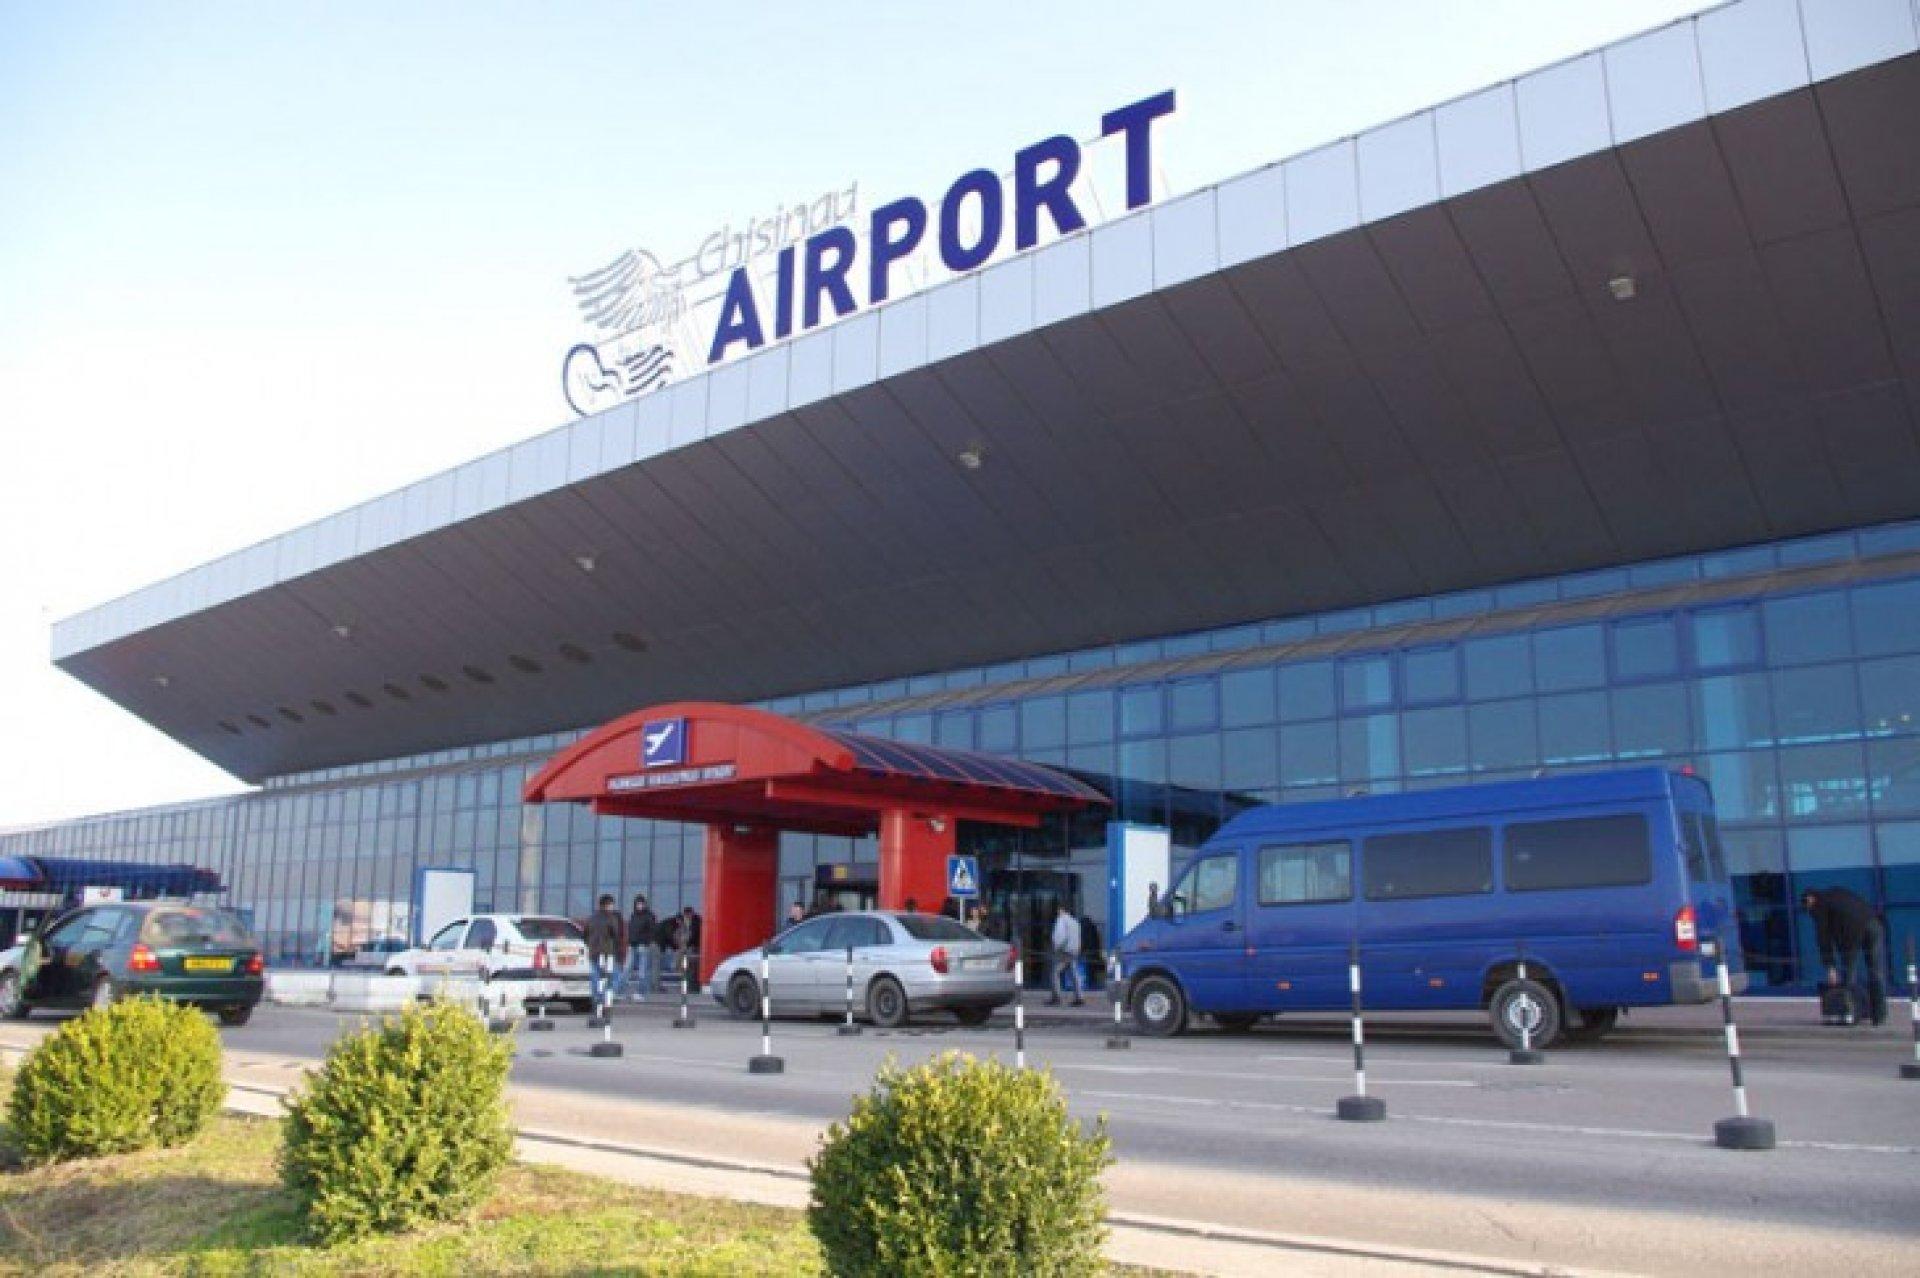 În timp ce mai multe companii întârzie sau au anulat zborurile de la Chișinău, toate cursele Air Moldova sunt conform graficului